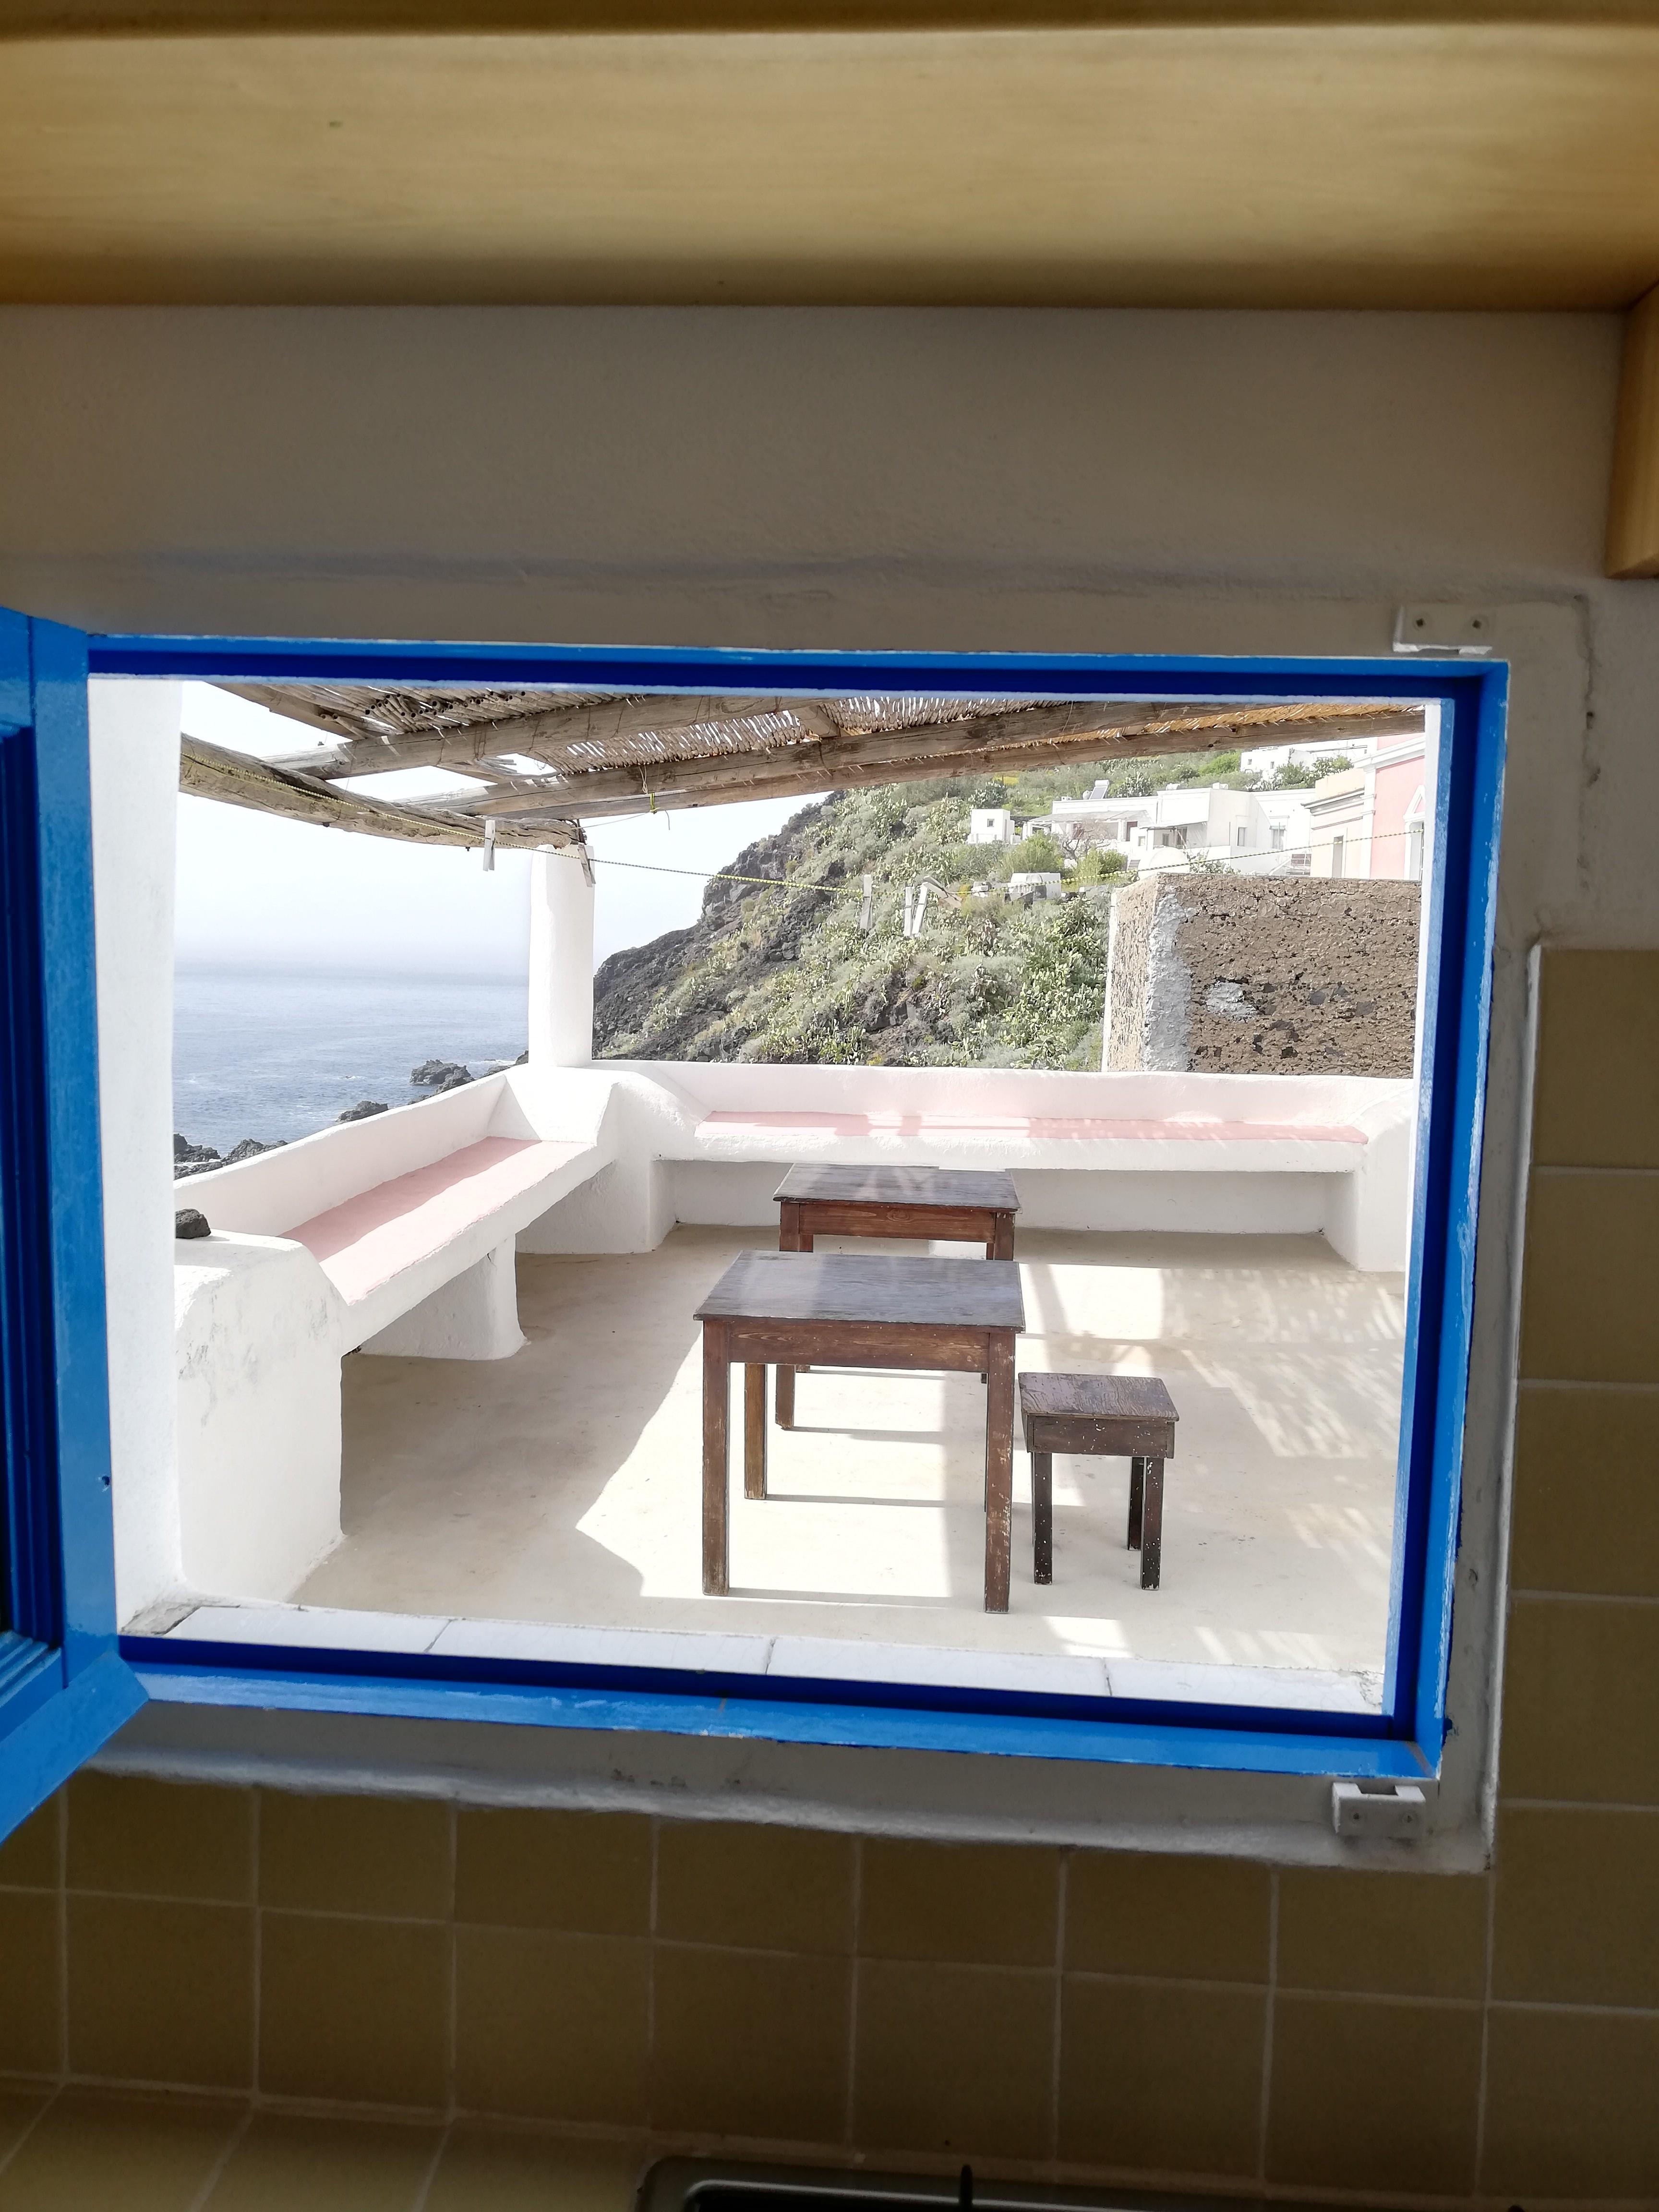 La finestrella della cucina